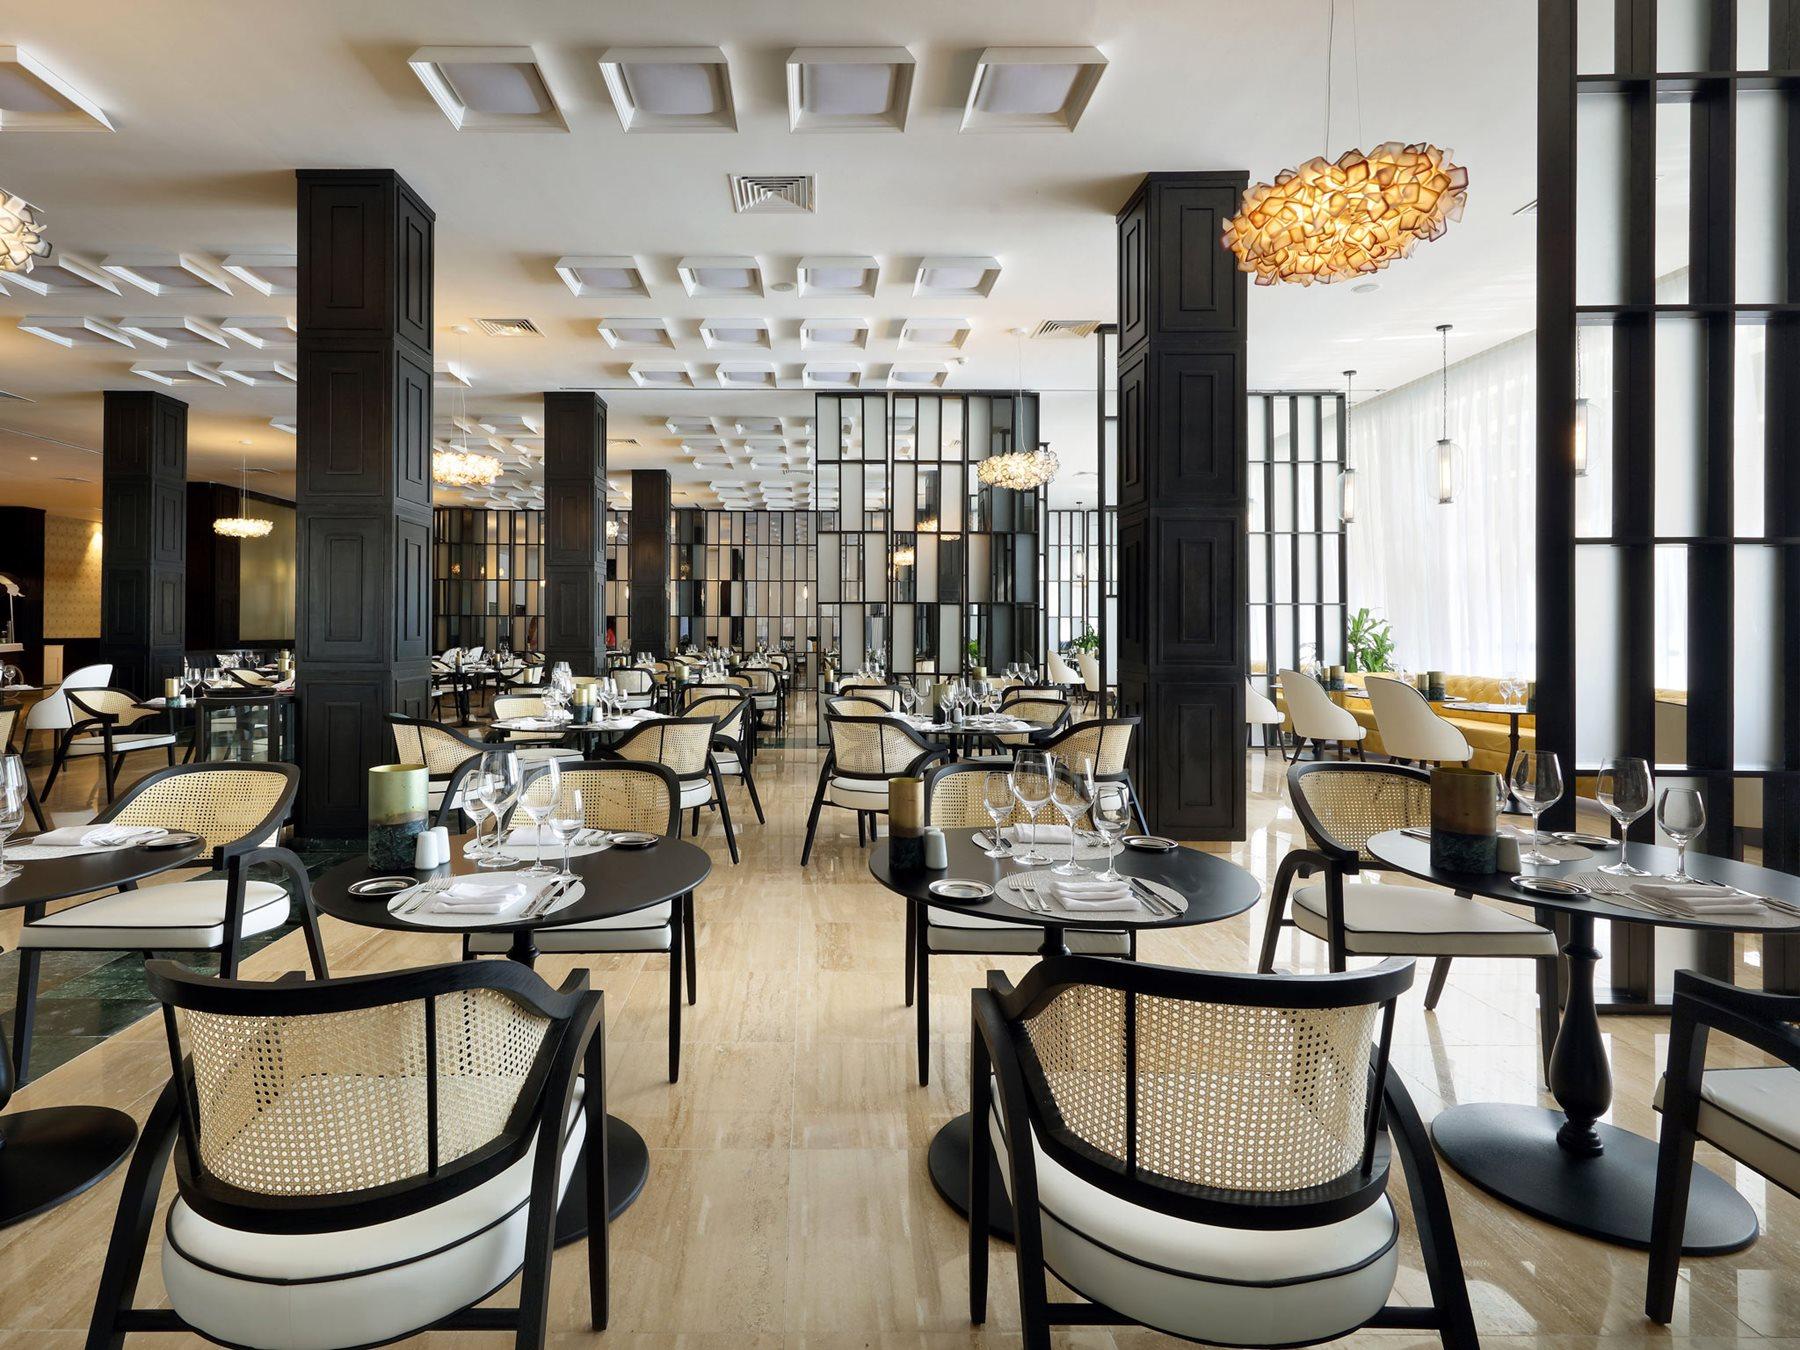 RIV-The-Royal-Suites-Yucatan-Restaurant-Entrance-001-Render